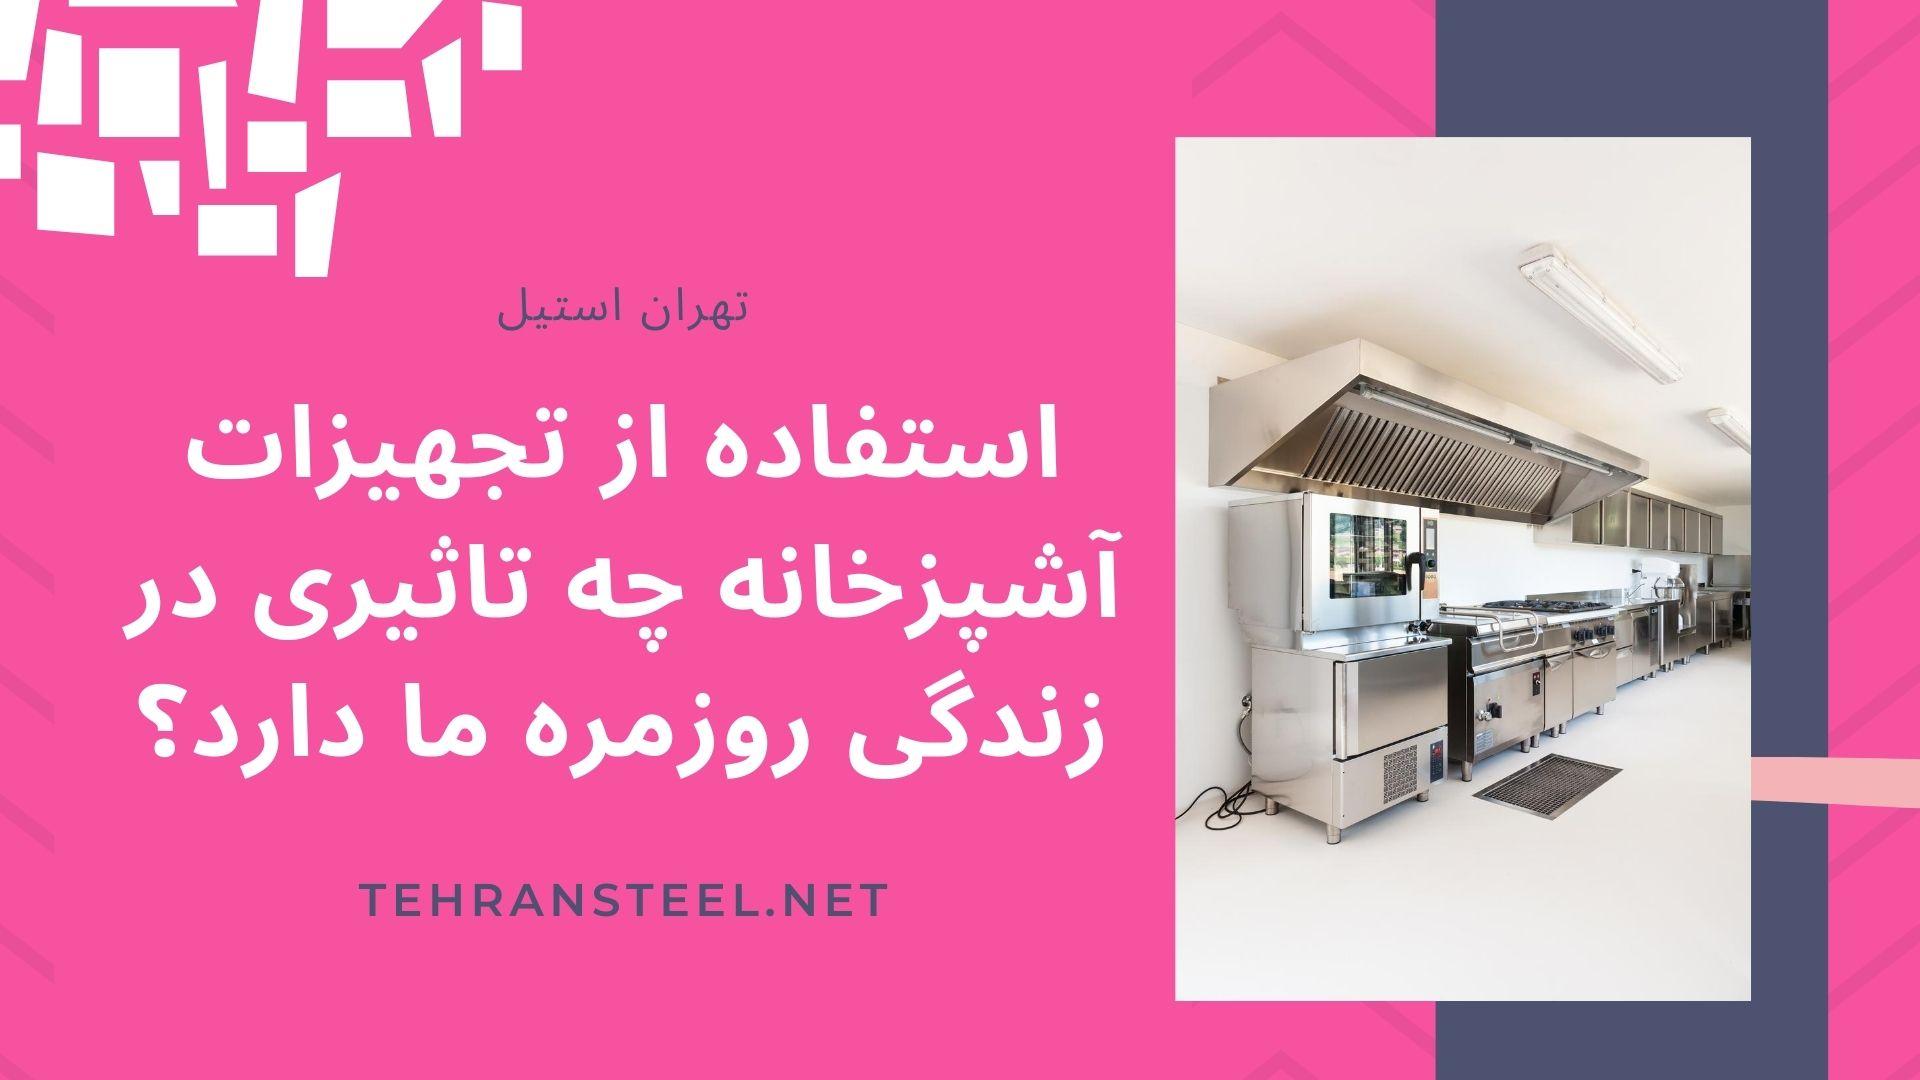 استفاده از تجهیزات آشپزخانه چه تاثیری در زندگی روزمره ما دارد؟